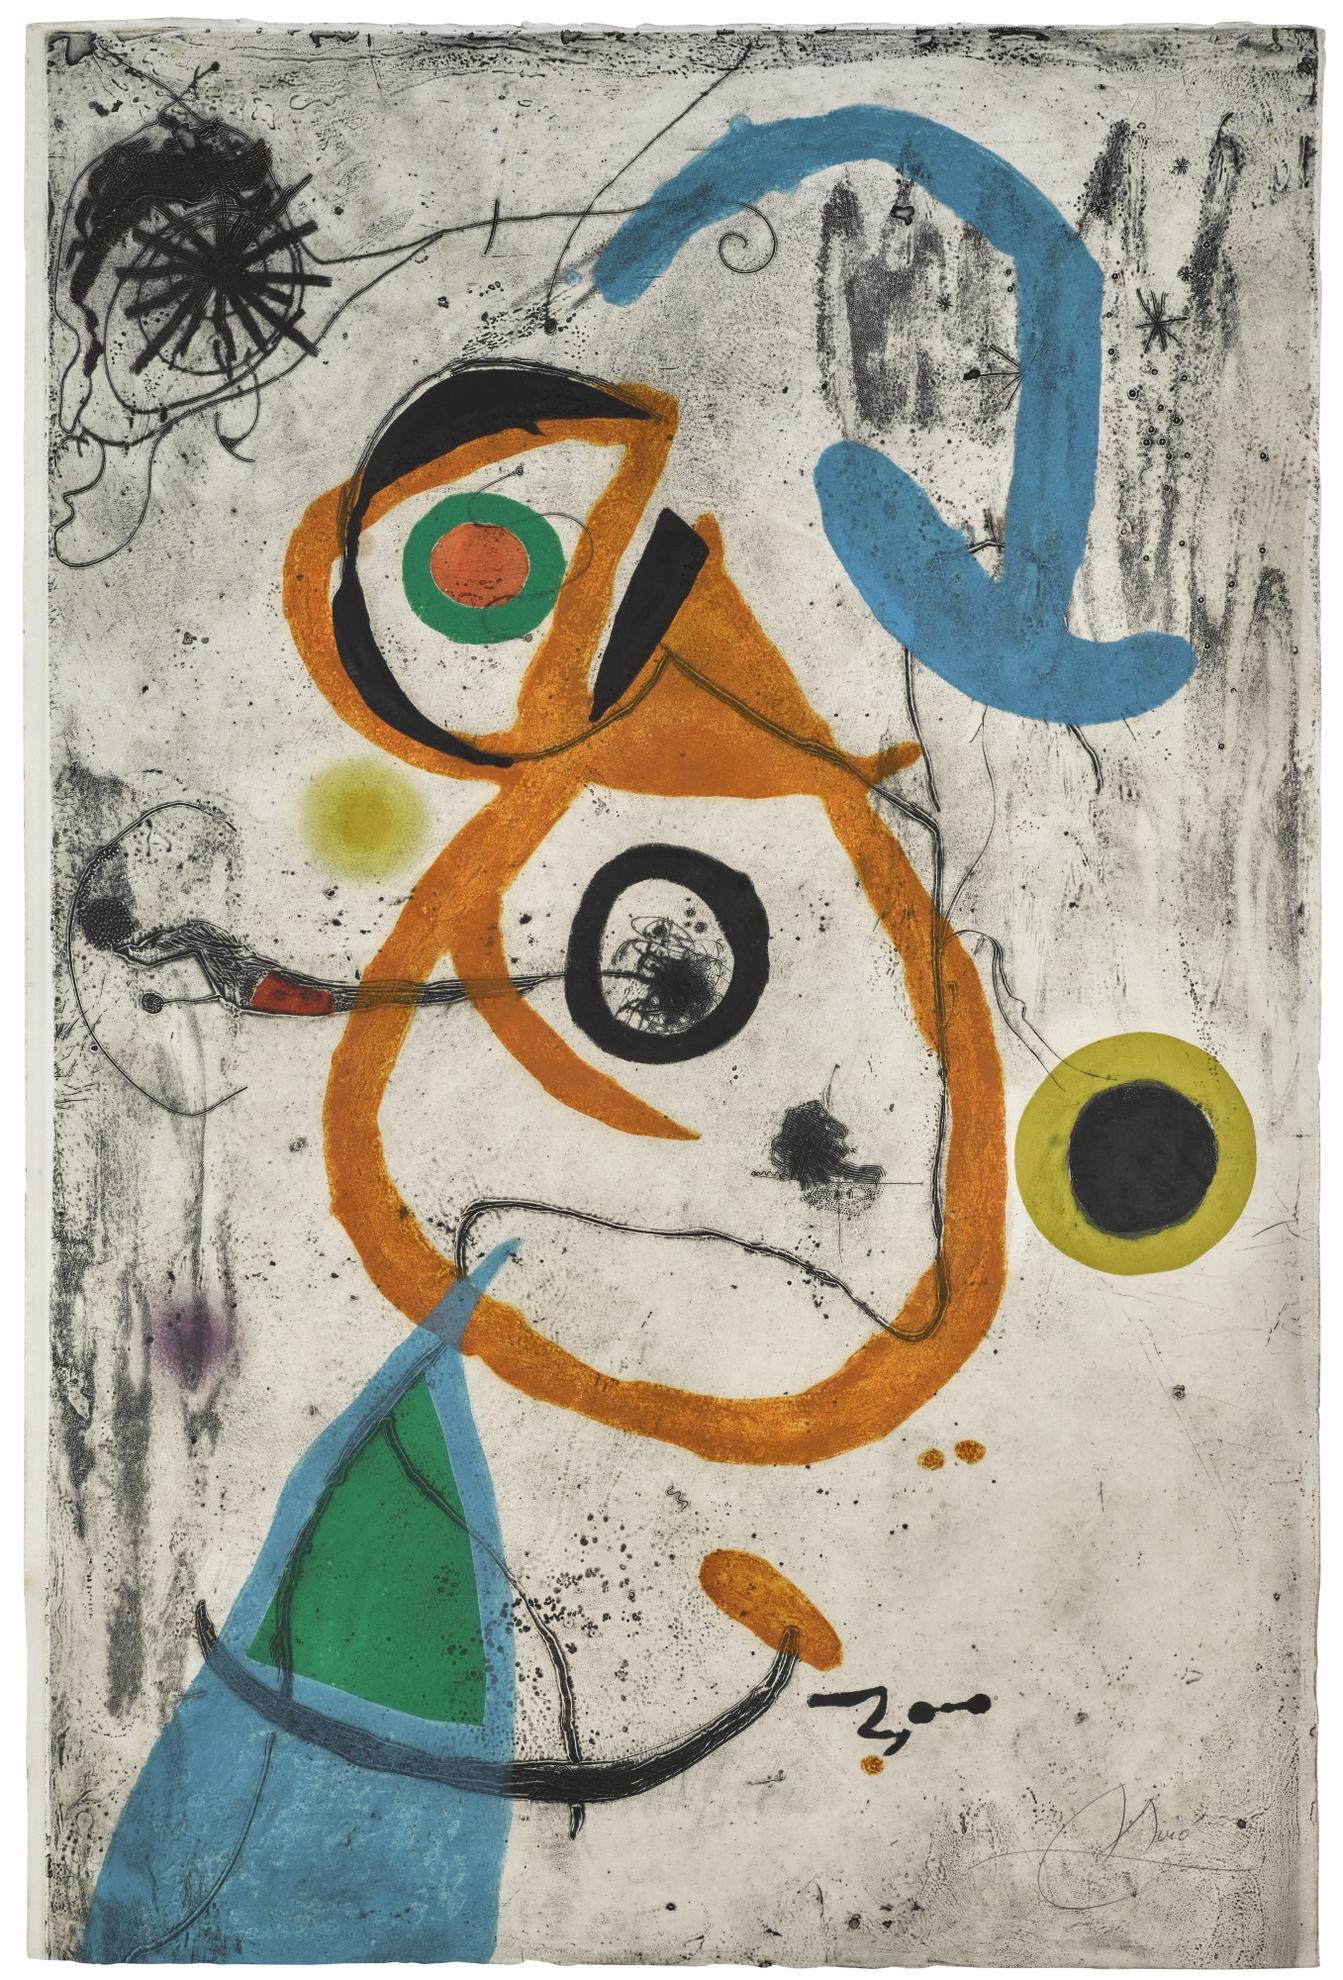 Joan Miro-Barcelona VIII (Dupin 600; Cramer Books 173)-1973